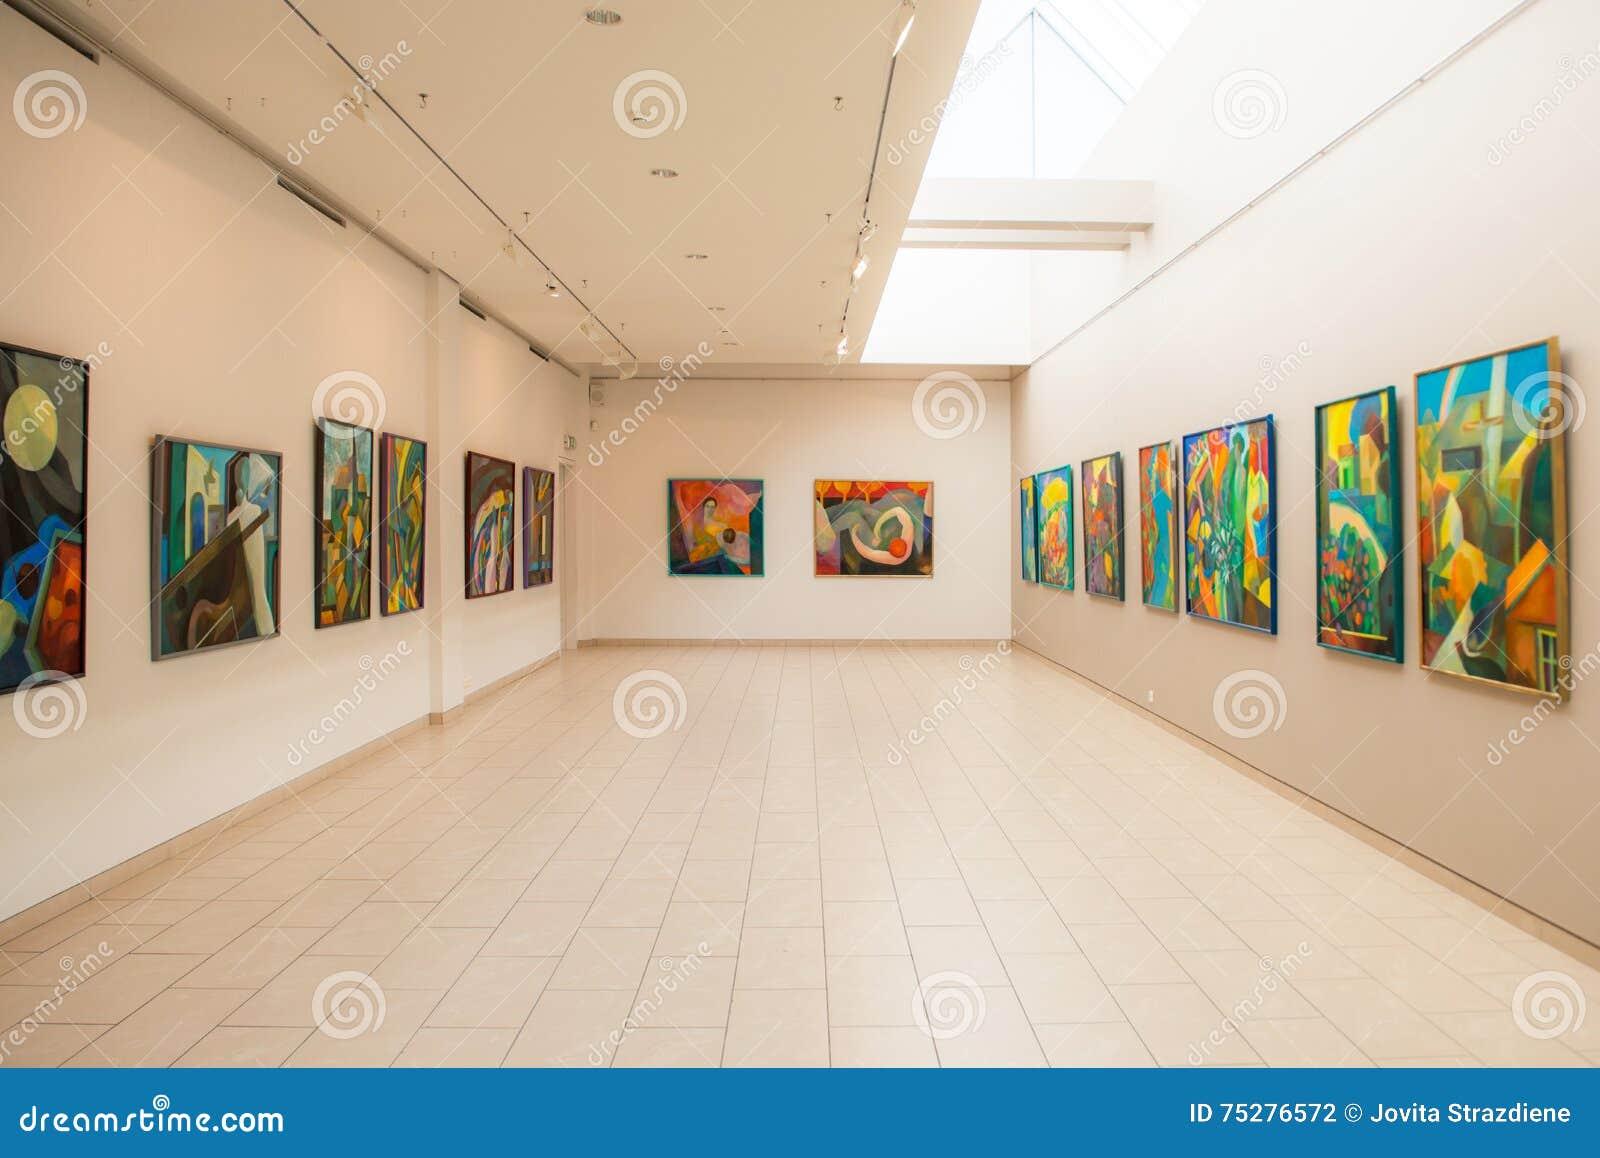 schilderijen tentoonstelling